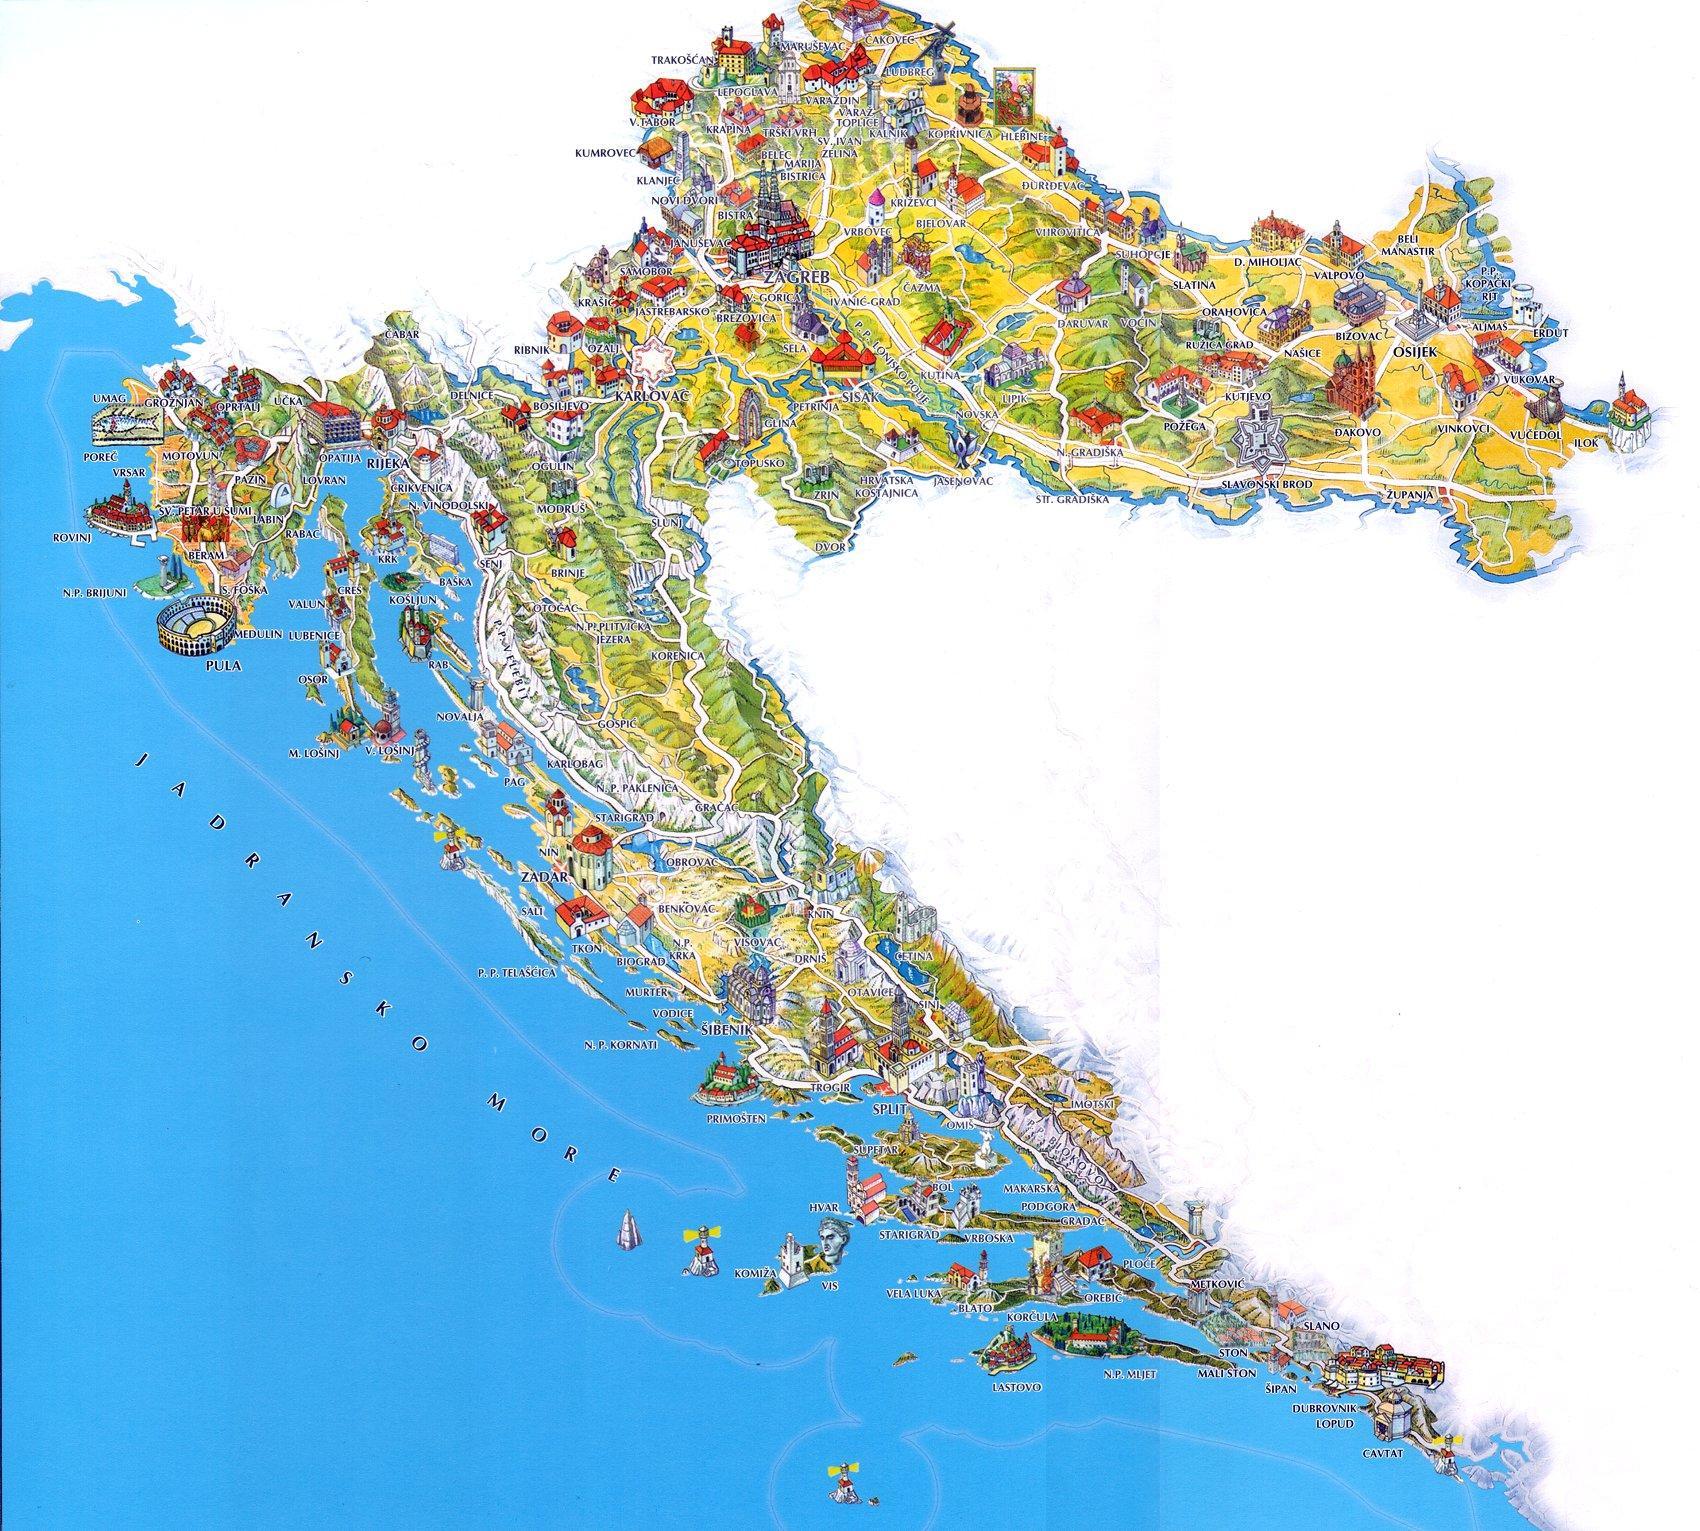 Naturism - Wikipedia